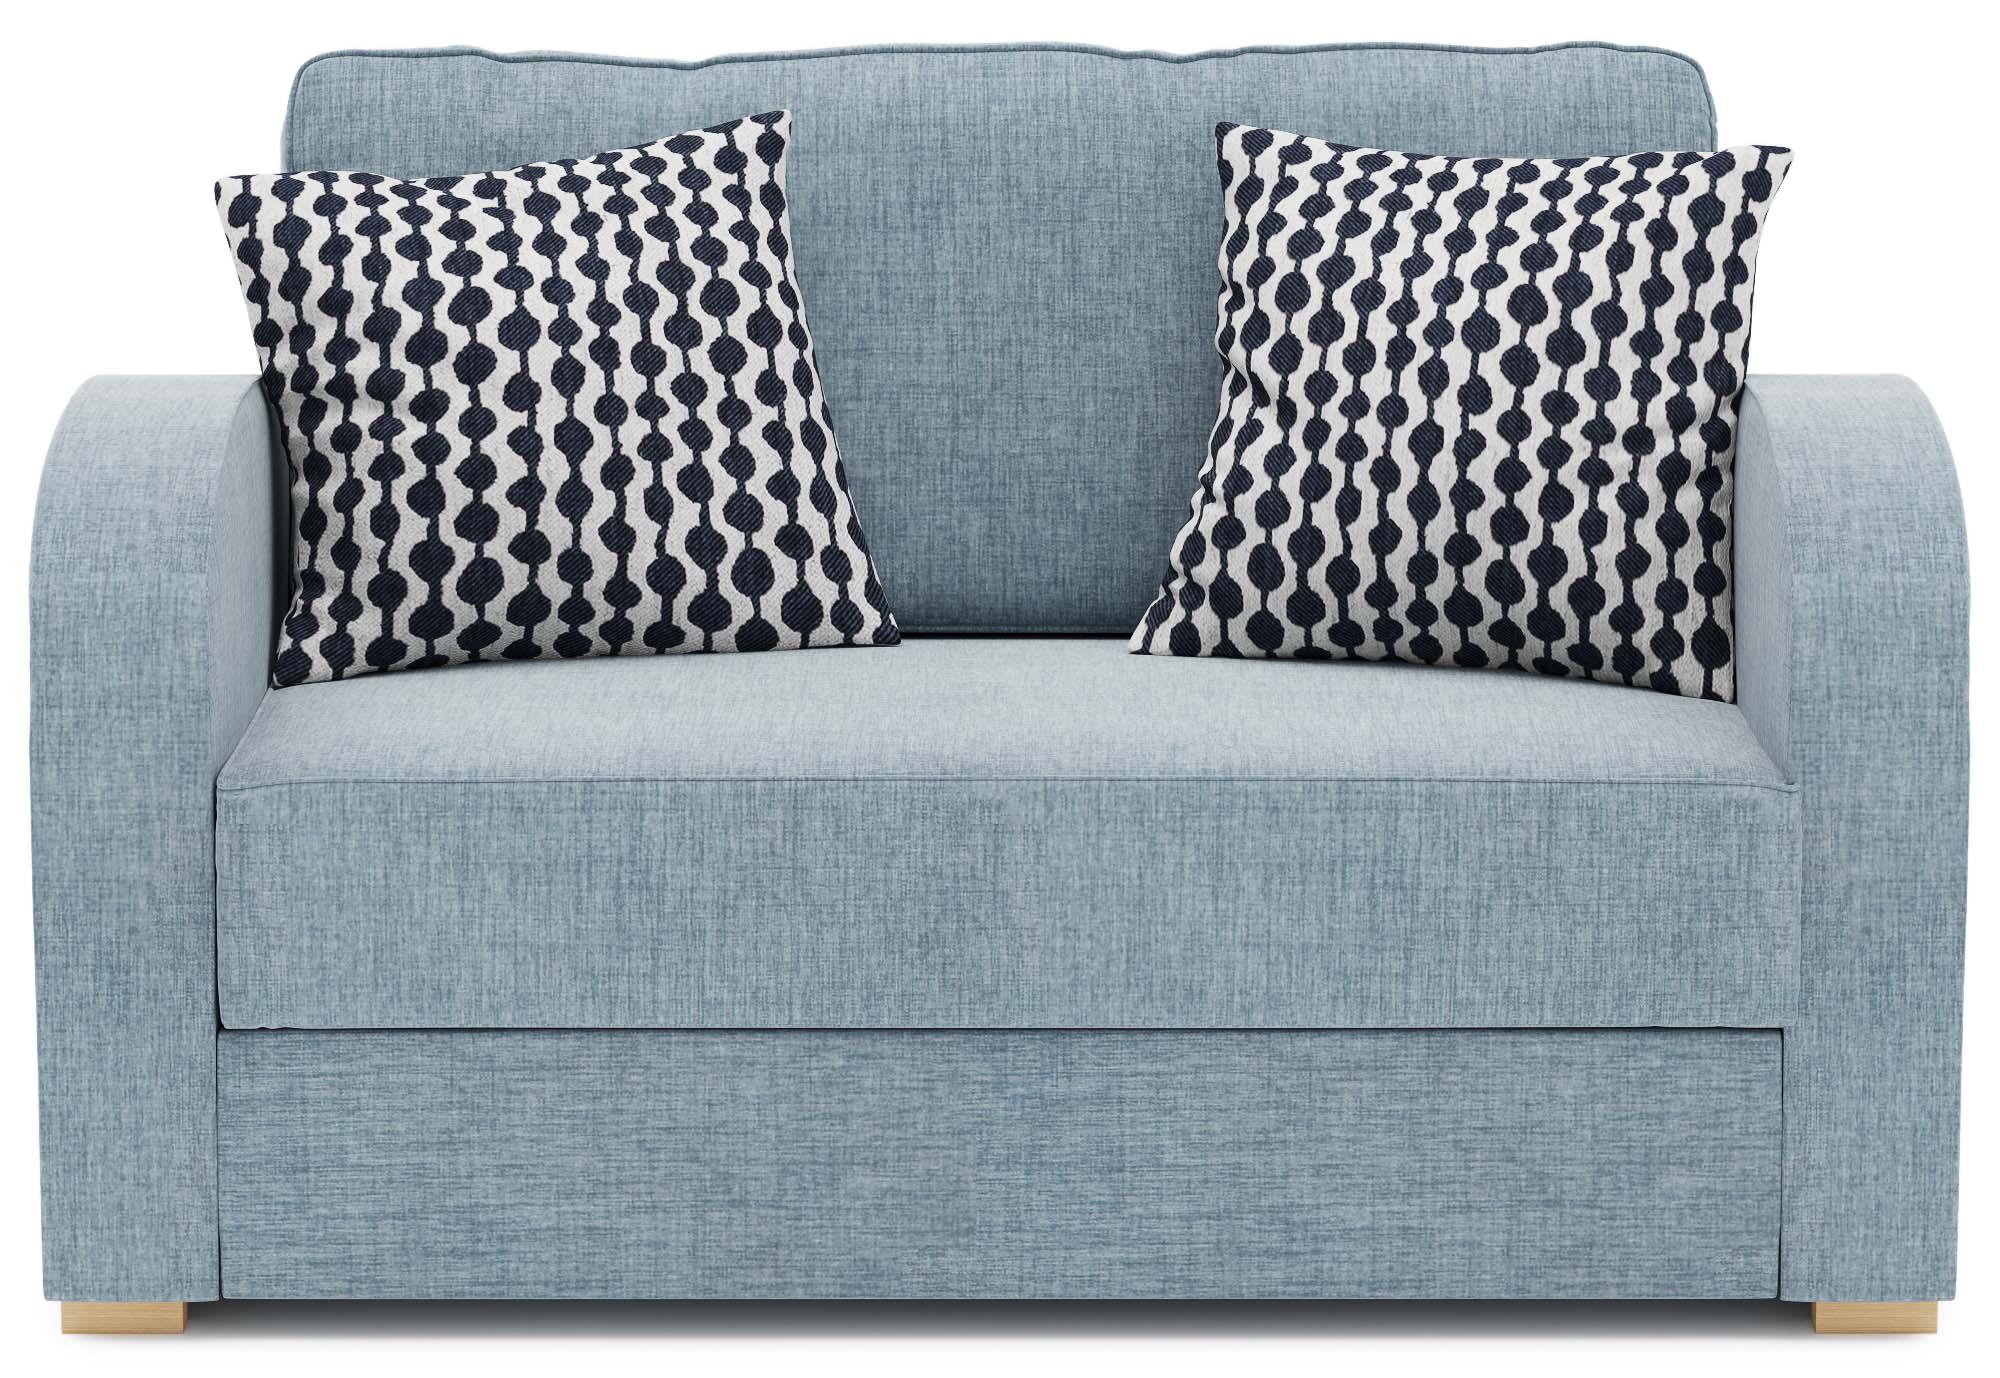 Xuxu 1 Seat Single Sofa Bed